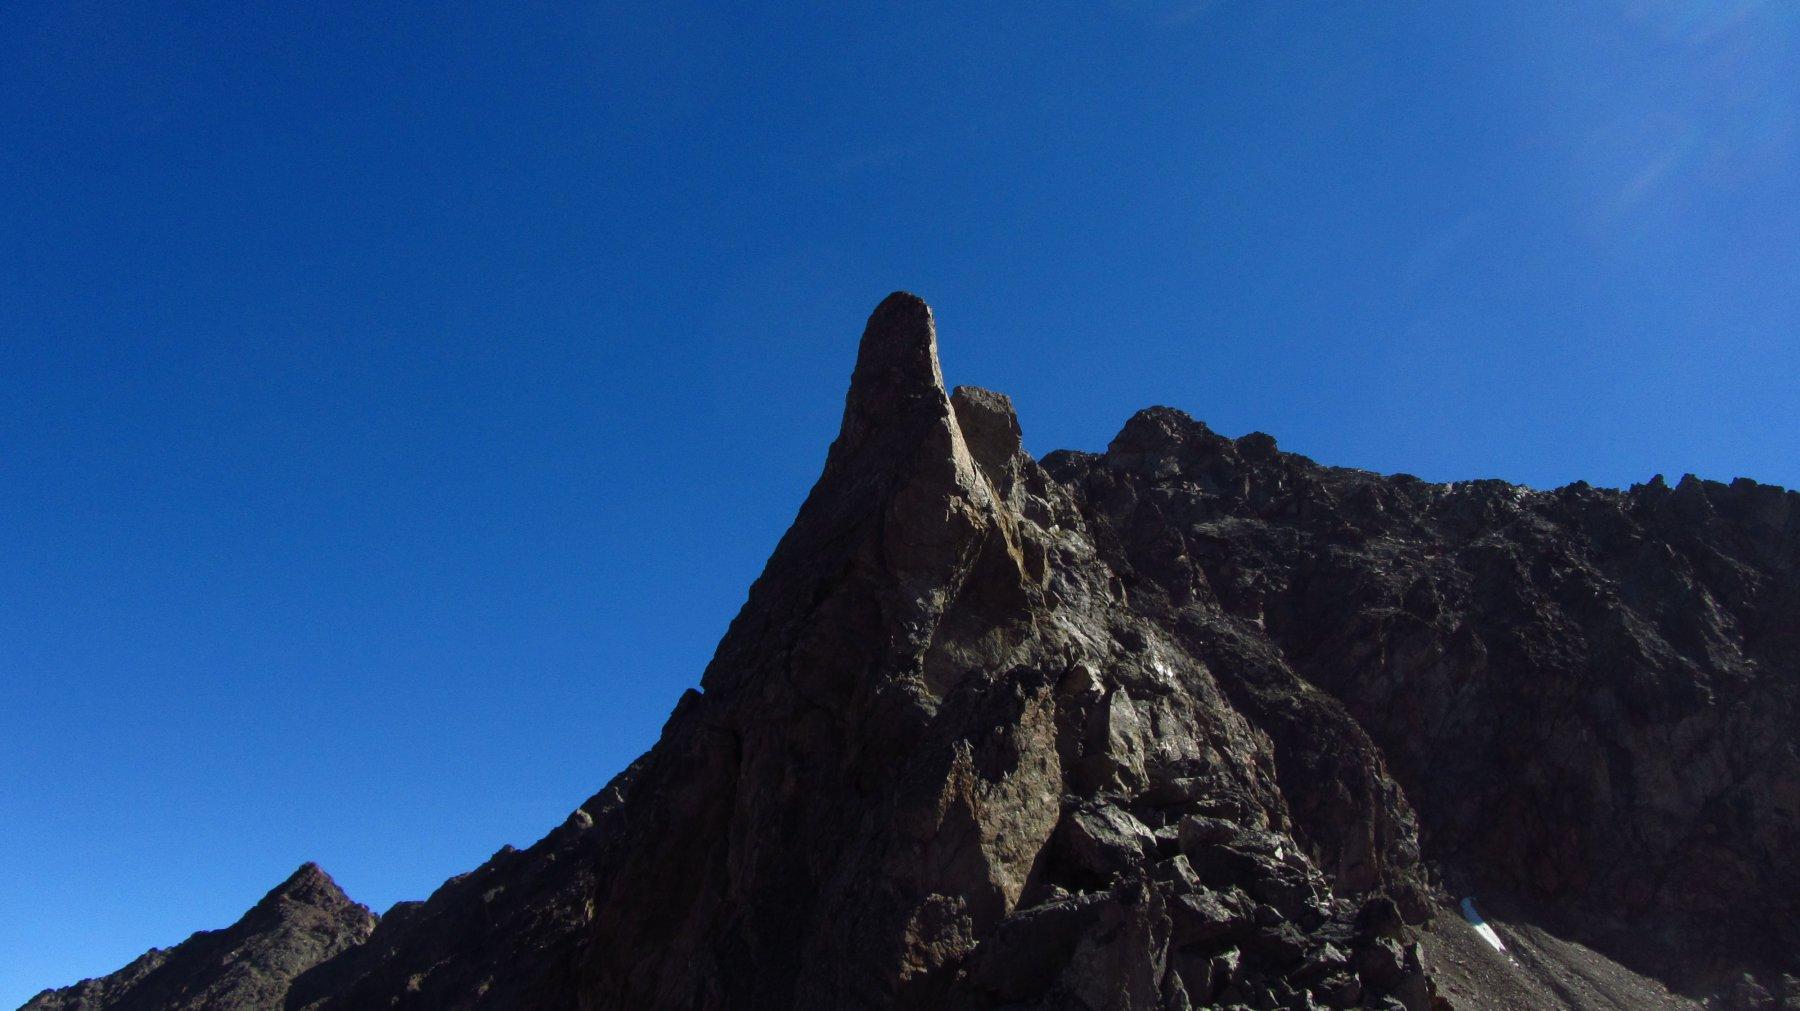 Il torrione appena dopo la breccia dove il Cardellina dice di superare una placca sul filo di cresta con arrampicata di II grado....